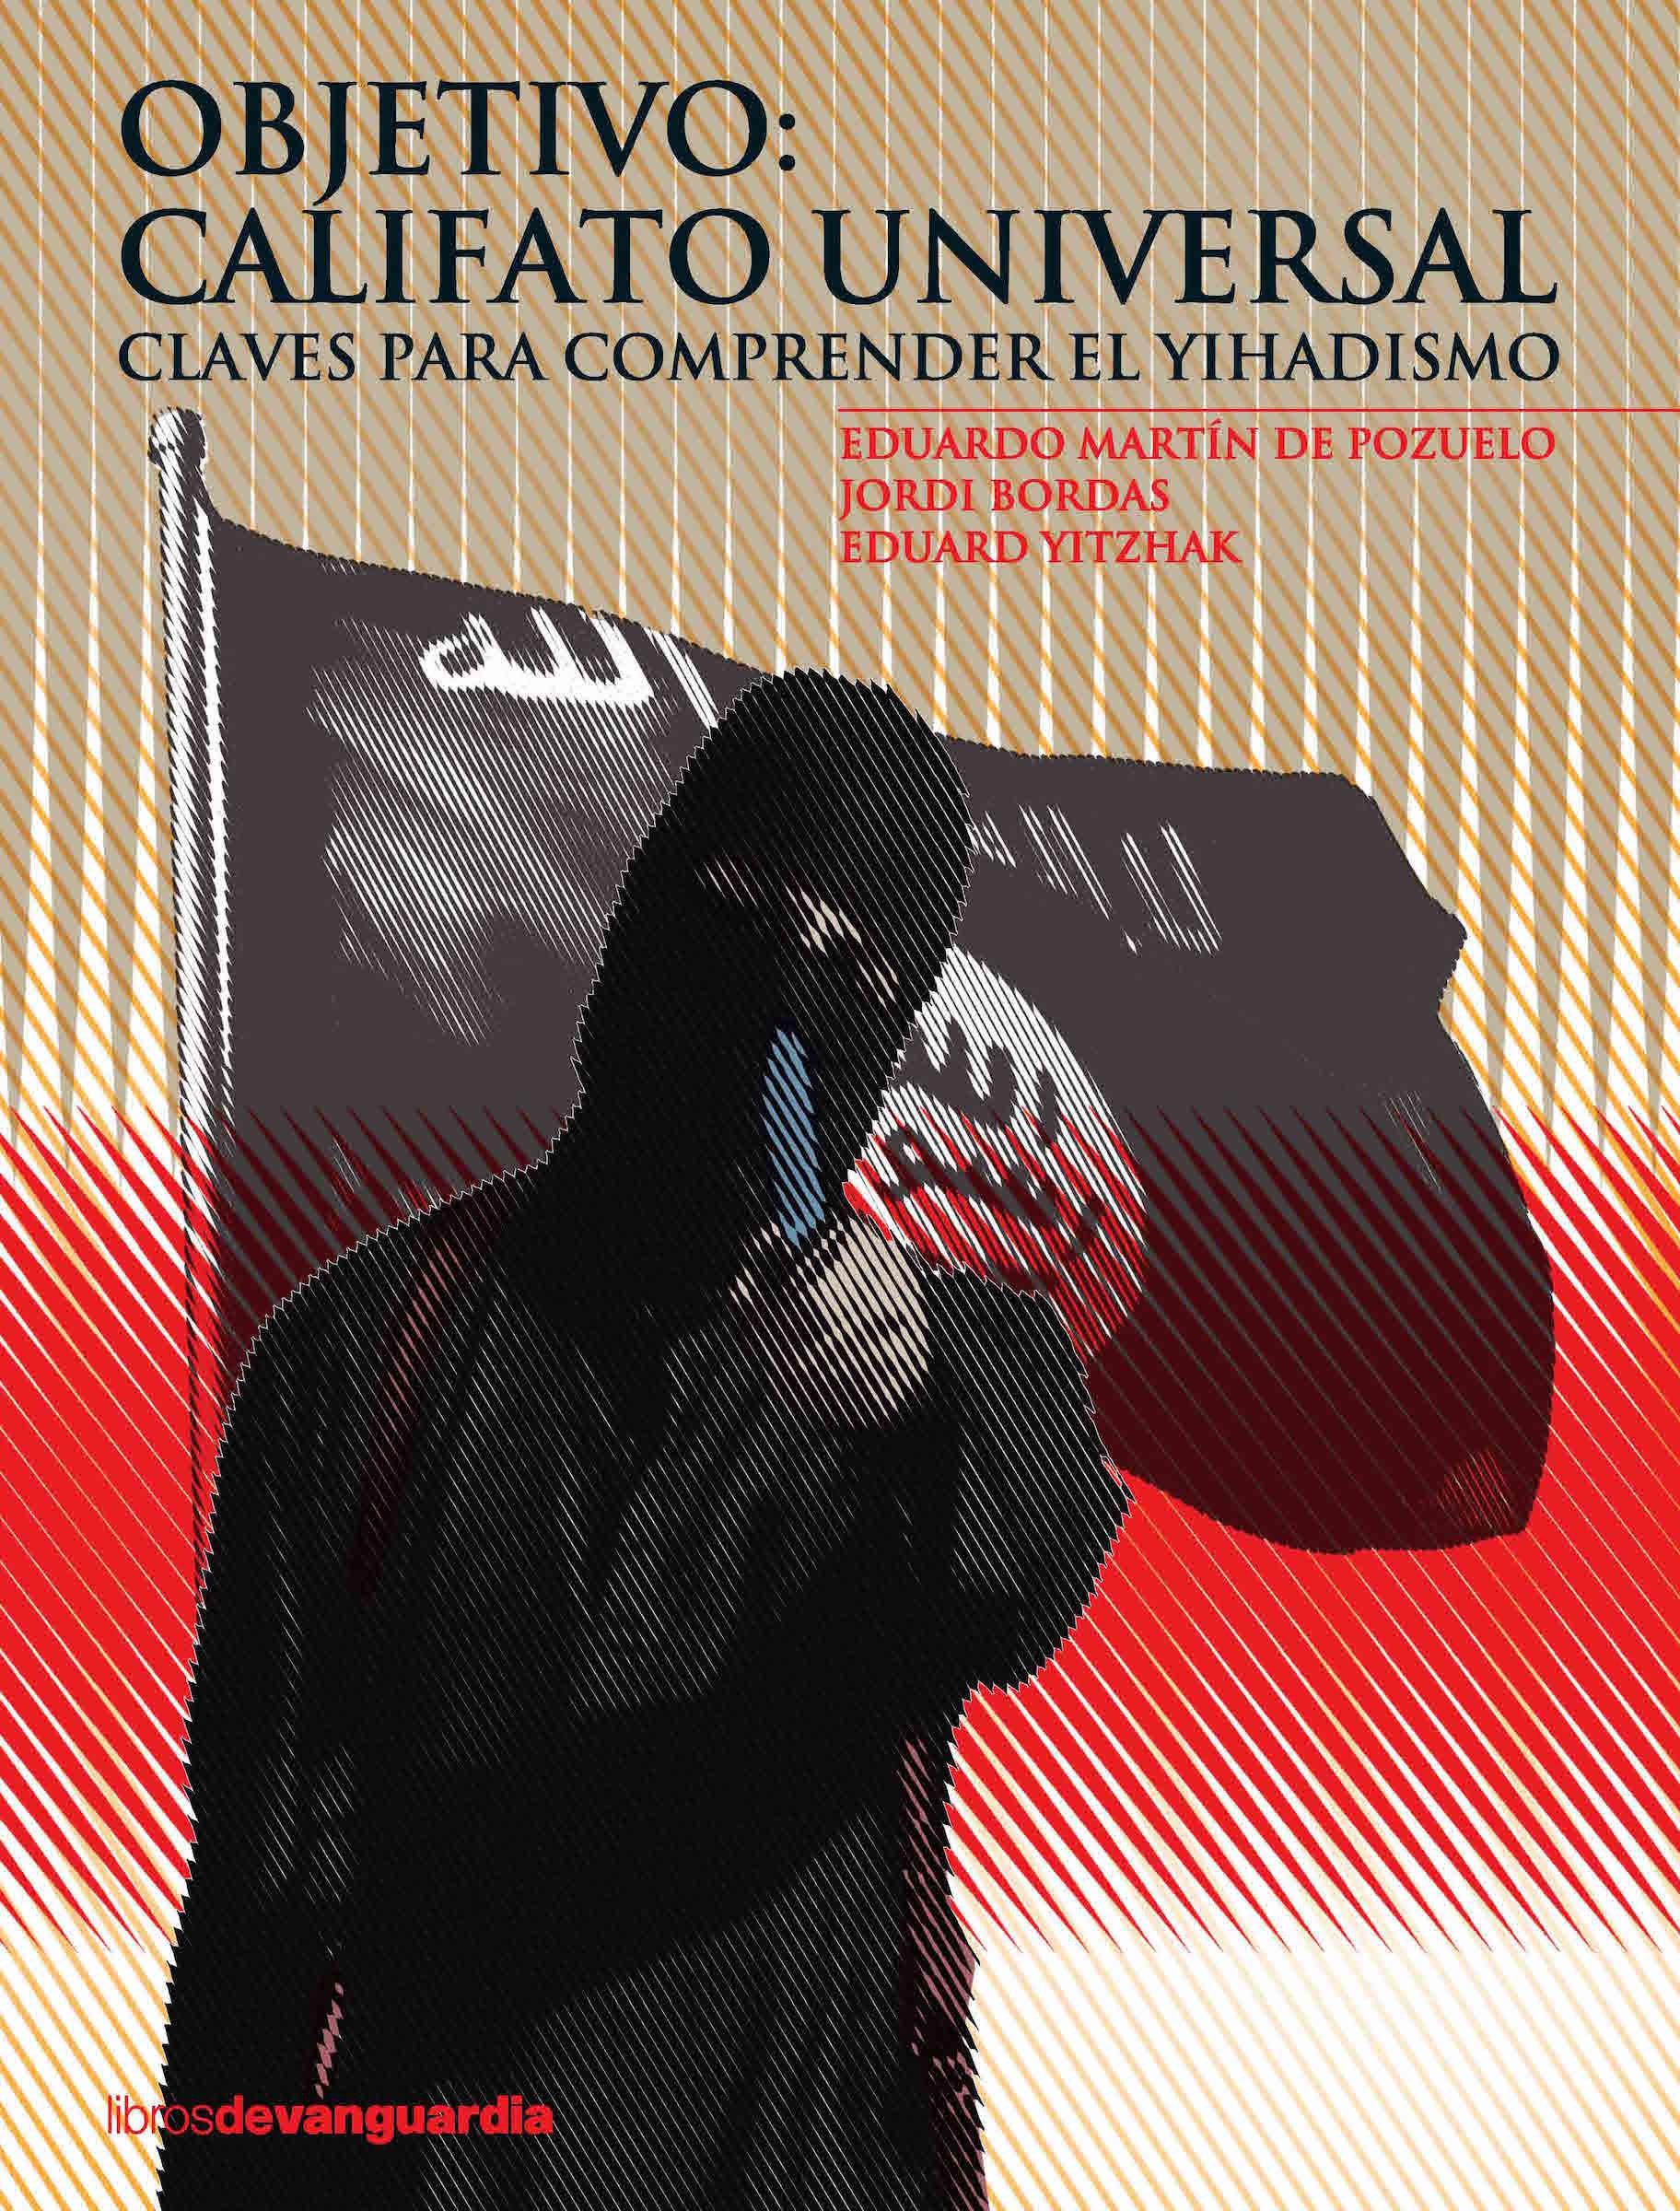 OBJETIVO: CALIFATO UNIVERSAL EBOOK   EDUARDO MARTIN DE POZUELO ...